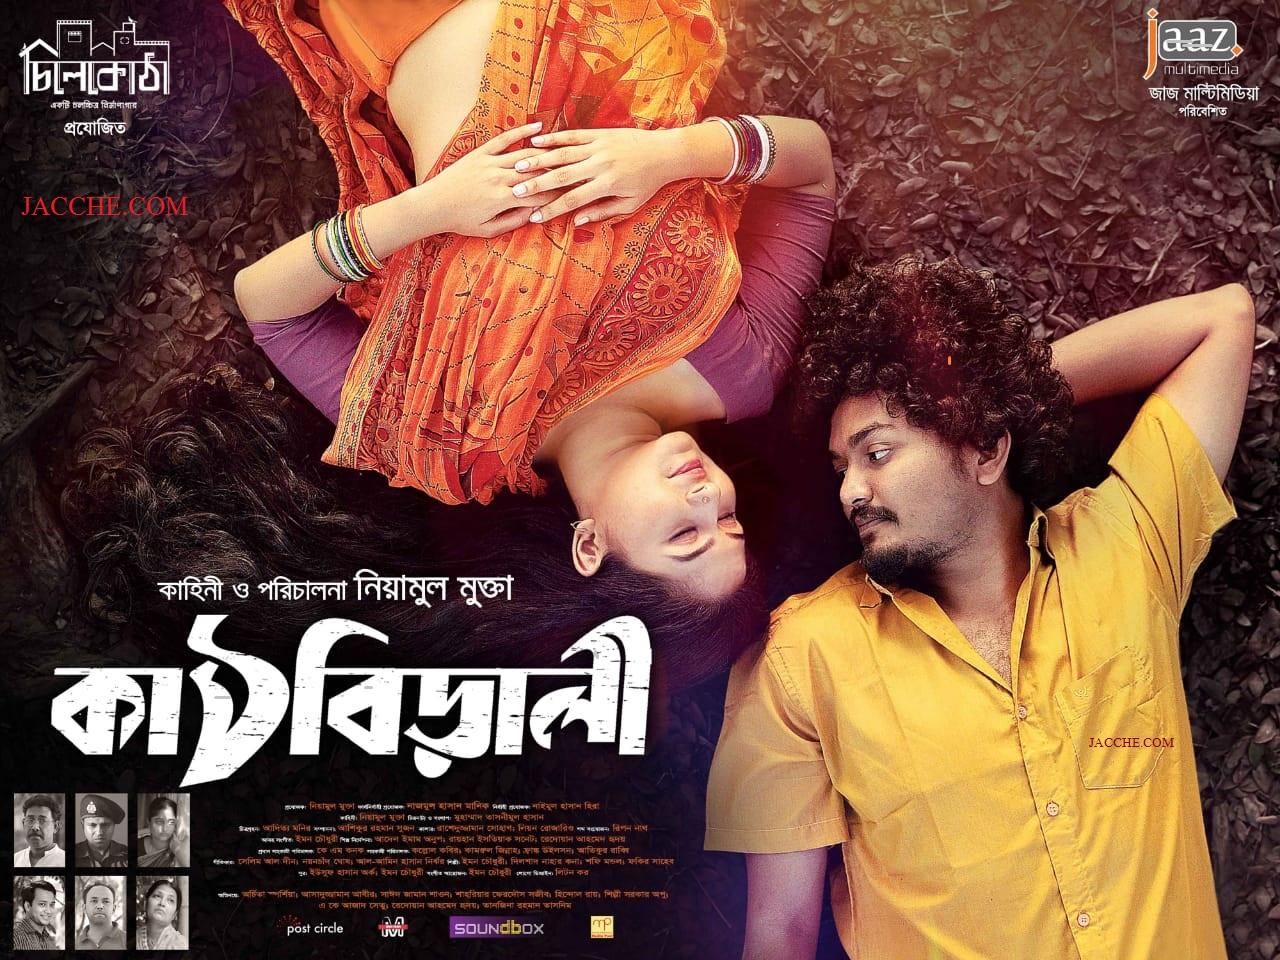 Kathbirali 2020 ‧ Romance ‧ 1h 55m